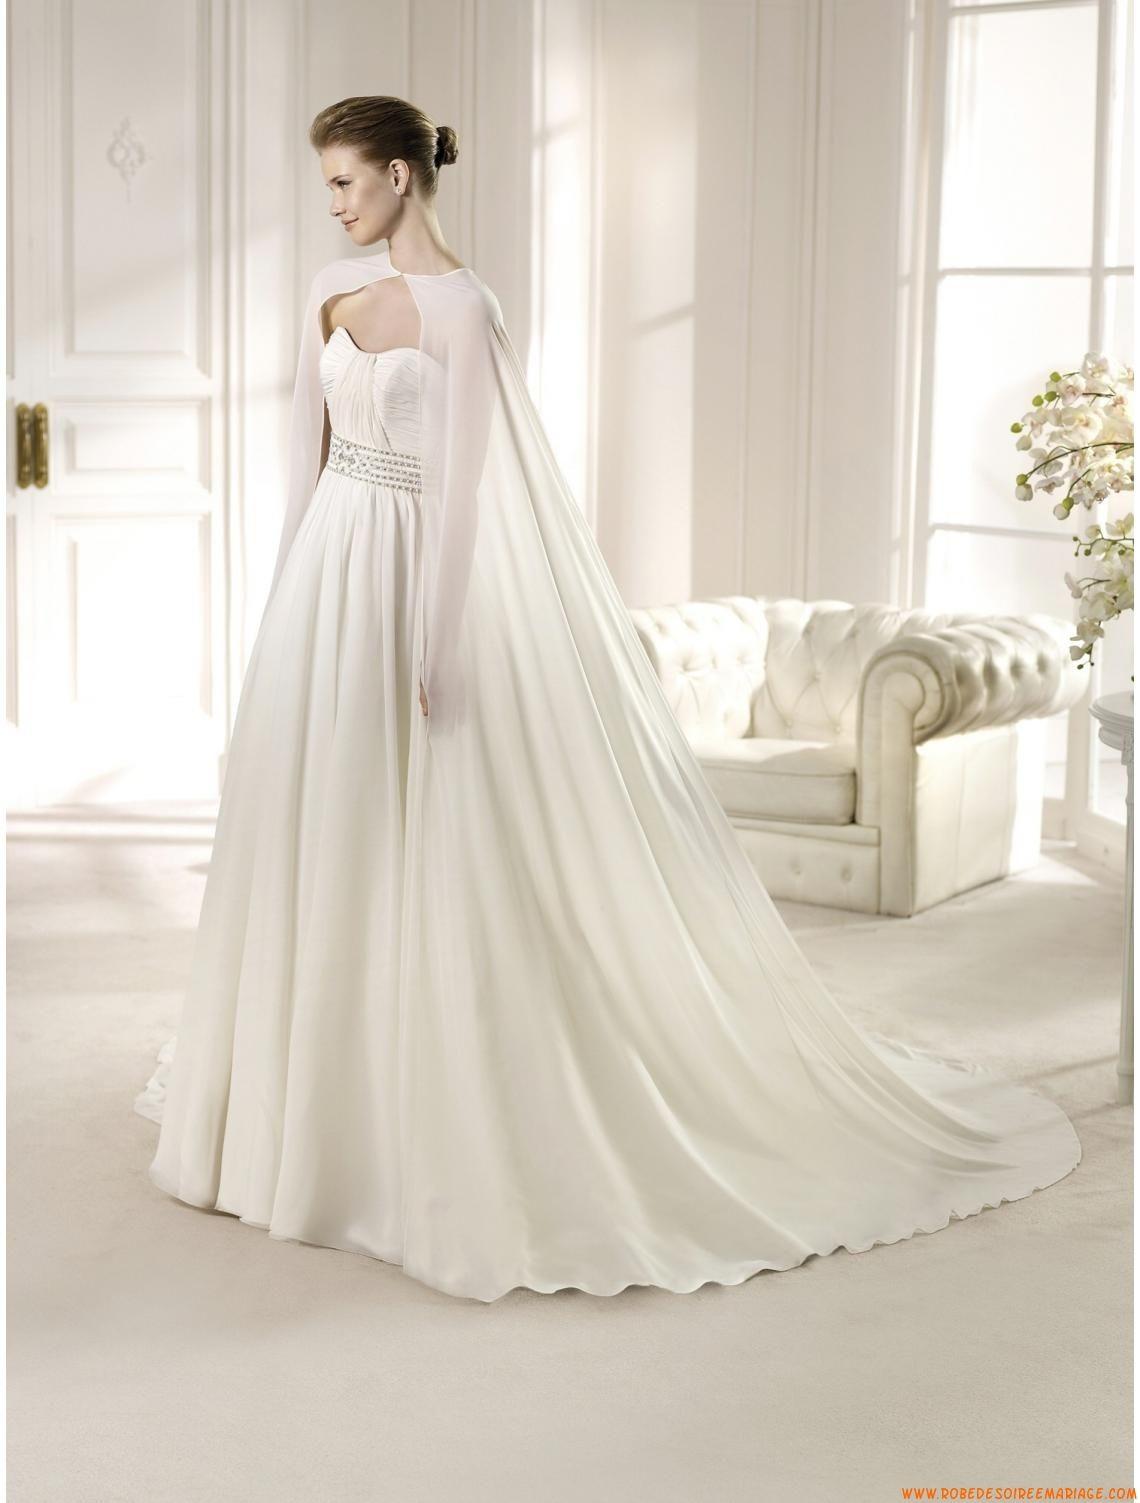 robe de mari e longue mousseline strass avec cape mode pinterest robes de mariage longues. Black Bedroom Furniture Sets. Home Design Ideas